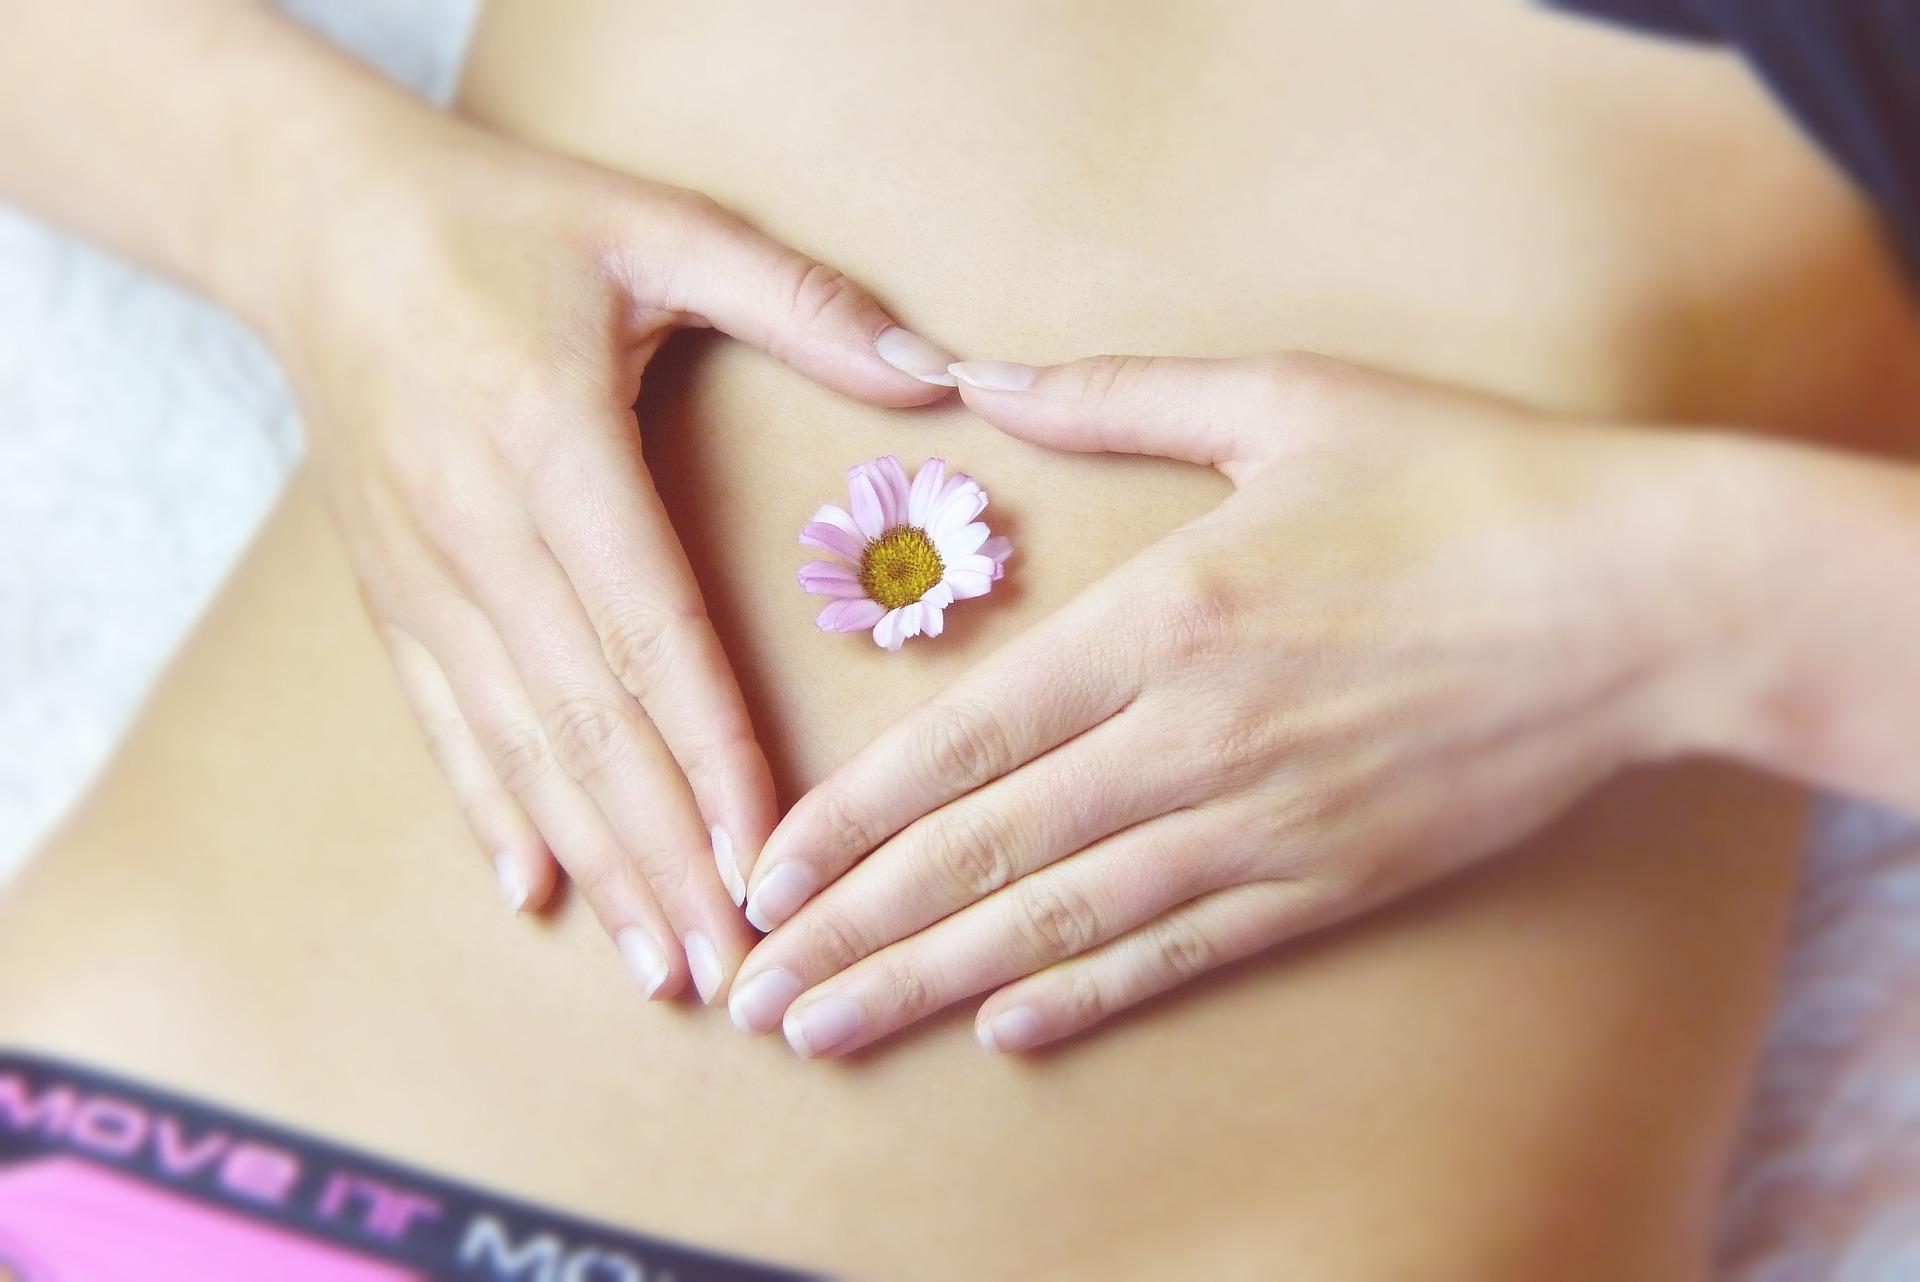 Linksseitige Bauschmerzen können Hinweise auf zahlreiche Erkrankungen sein.